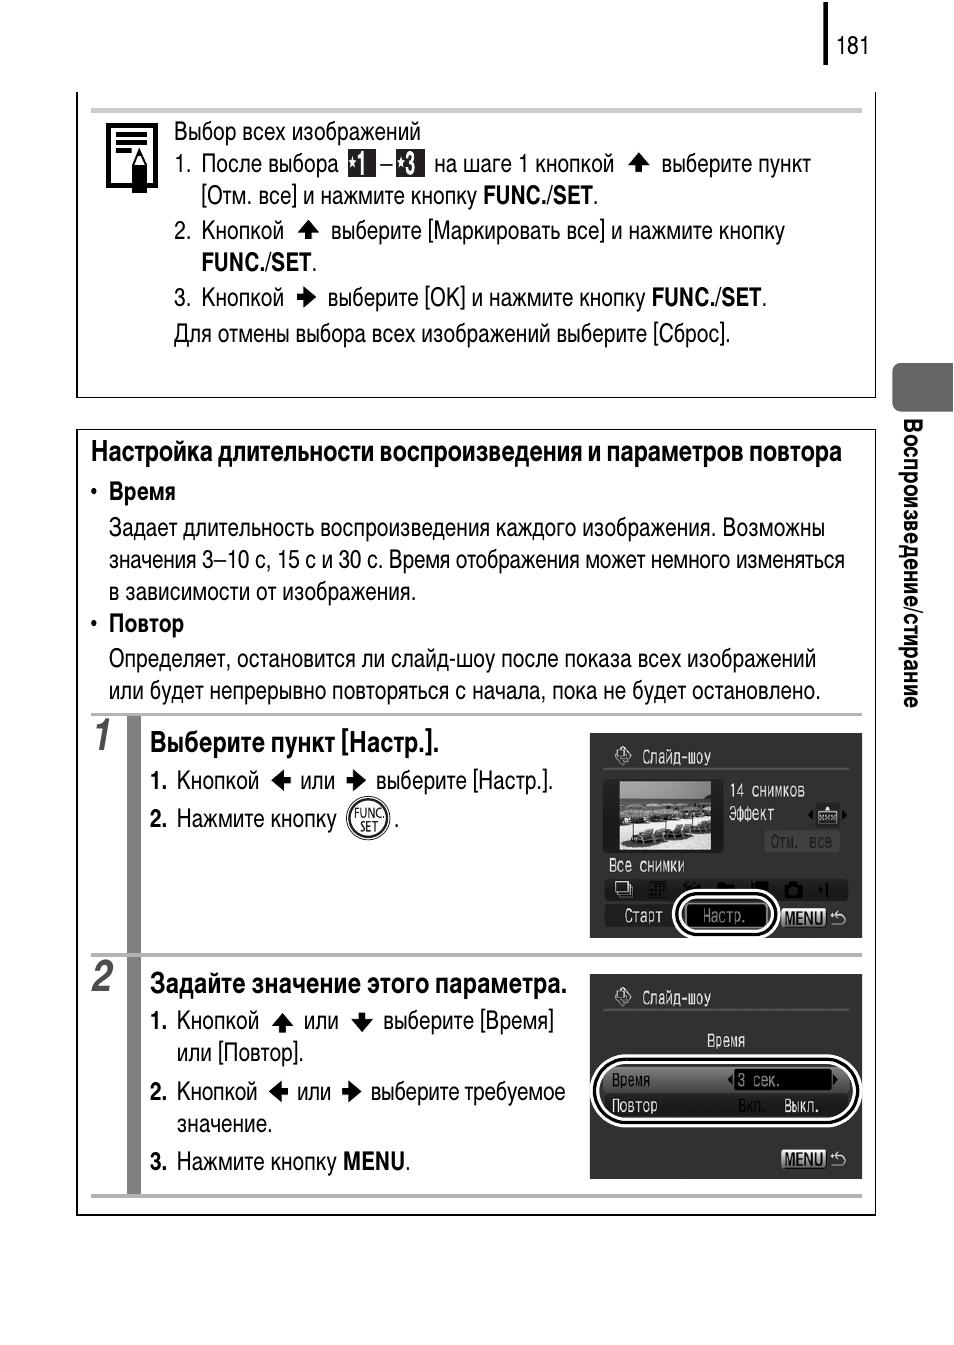 Инструкция по эксплуатации canon g10